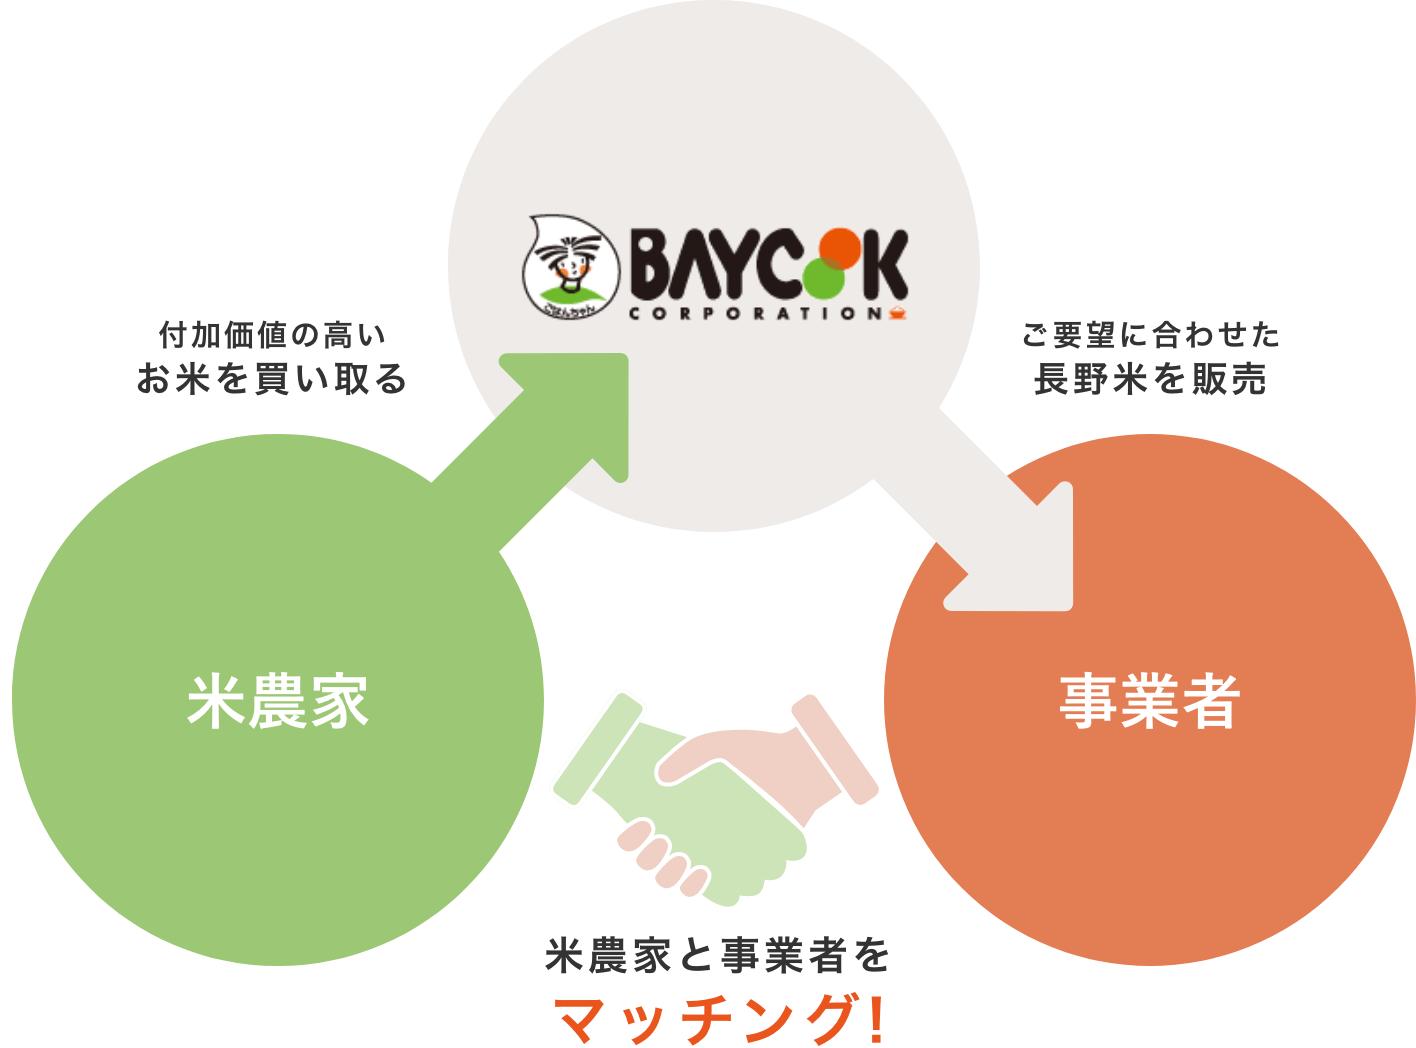 ベイクックコーポレーションが長野の米農家と事業者をマッチング